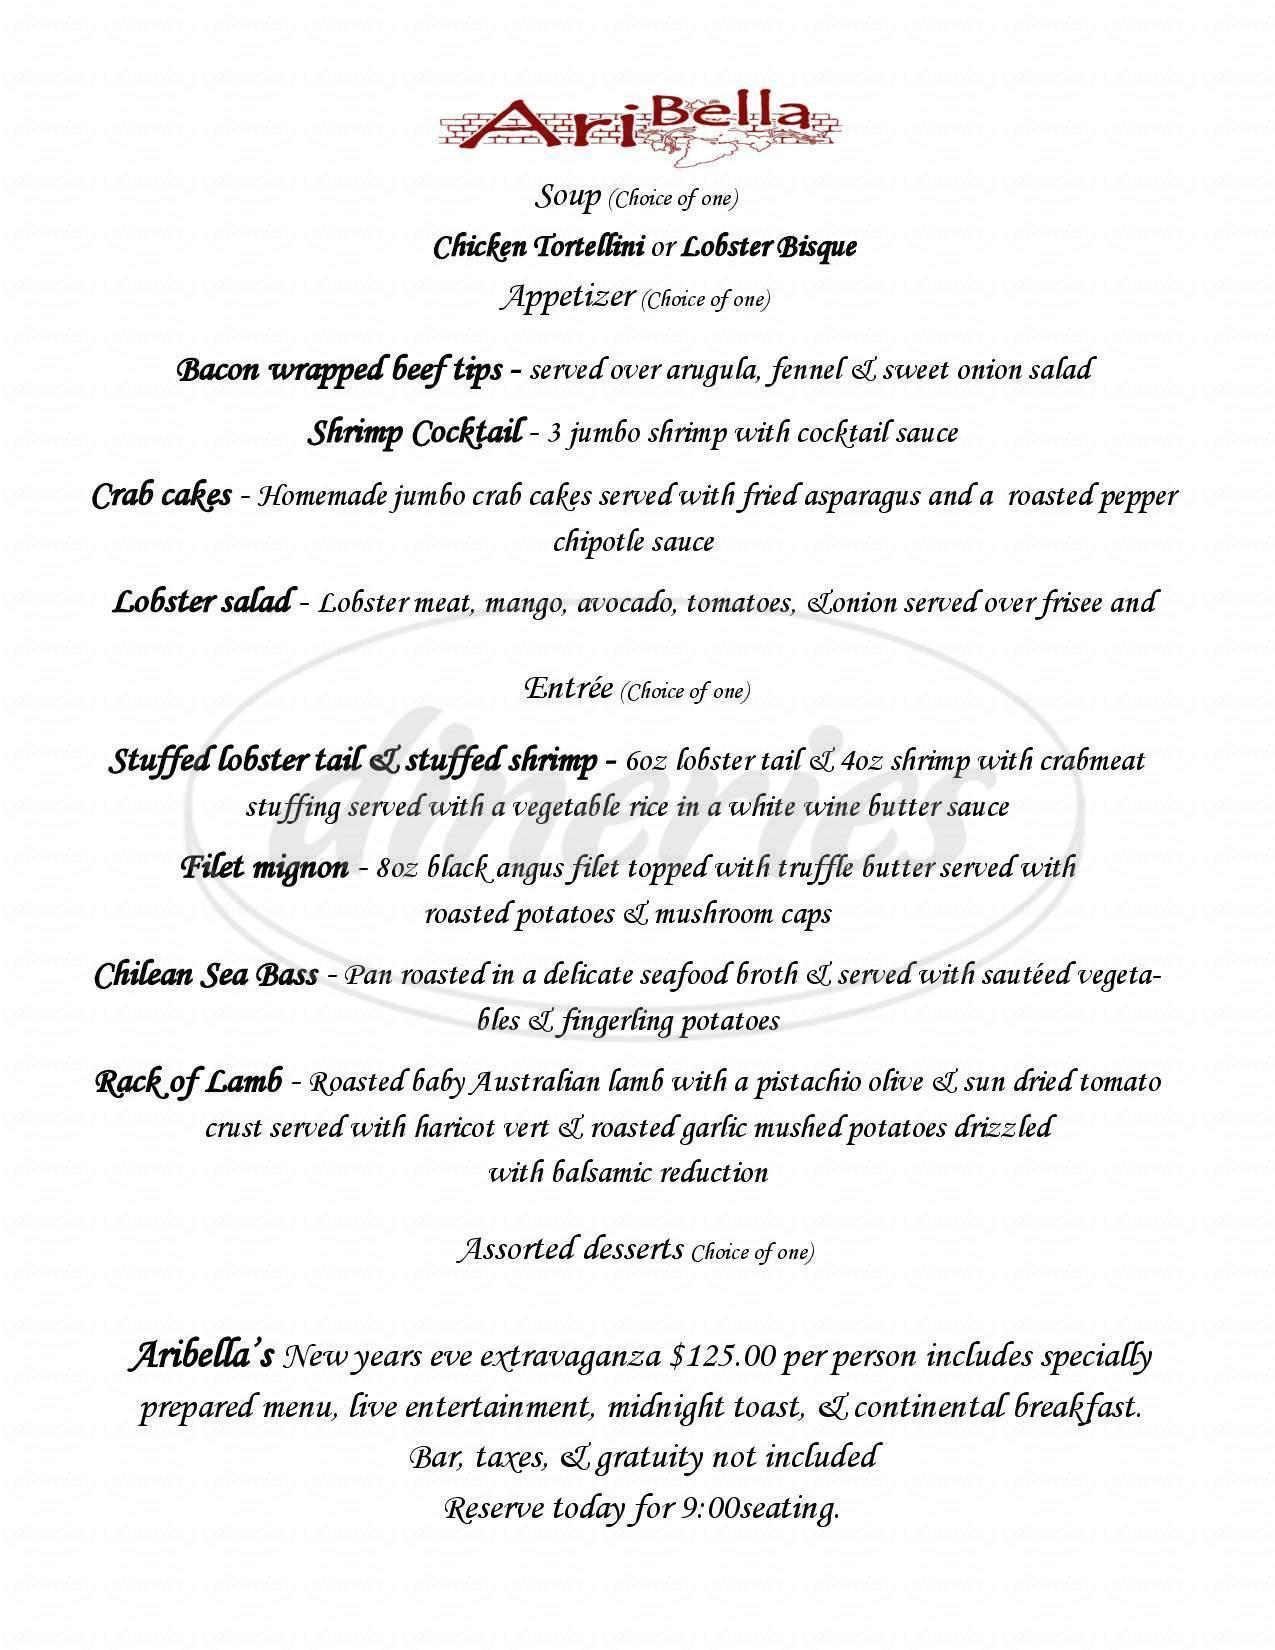 menu for Ari Bella